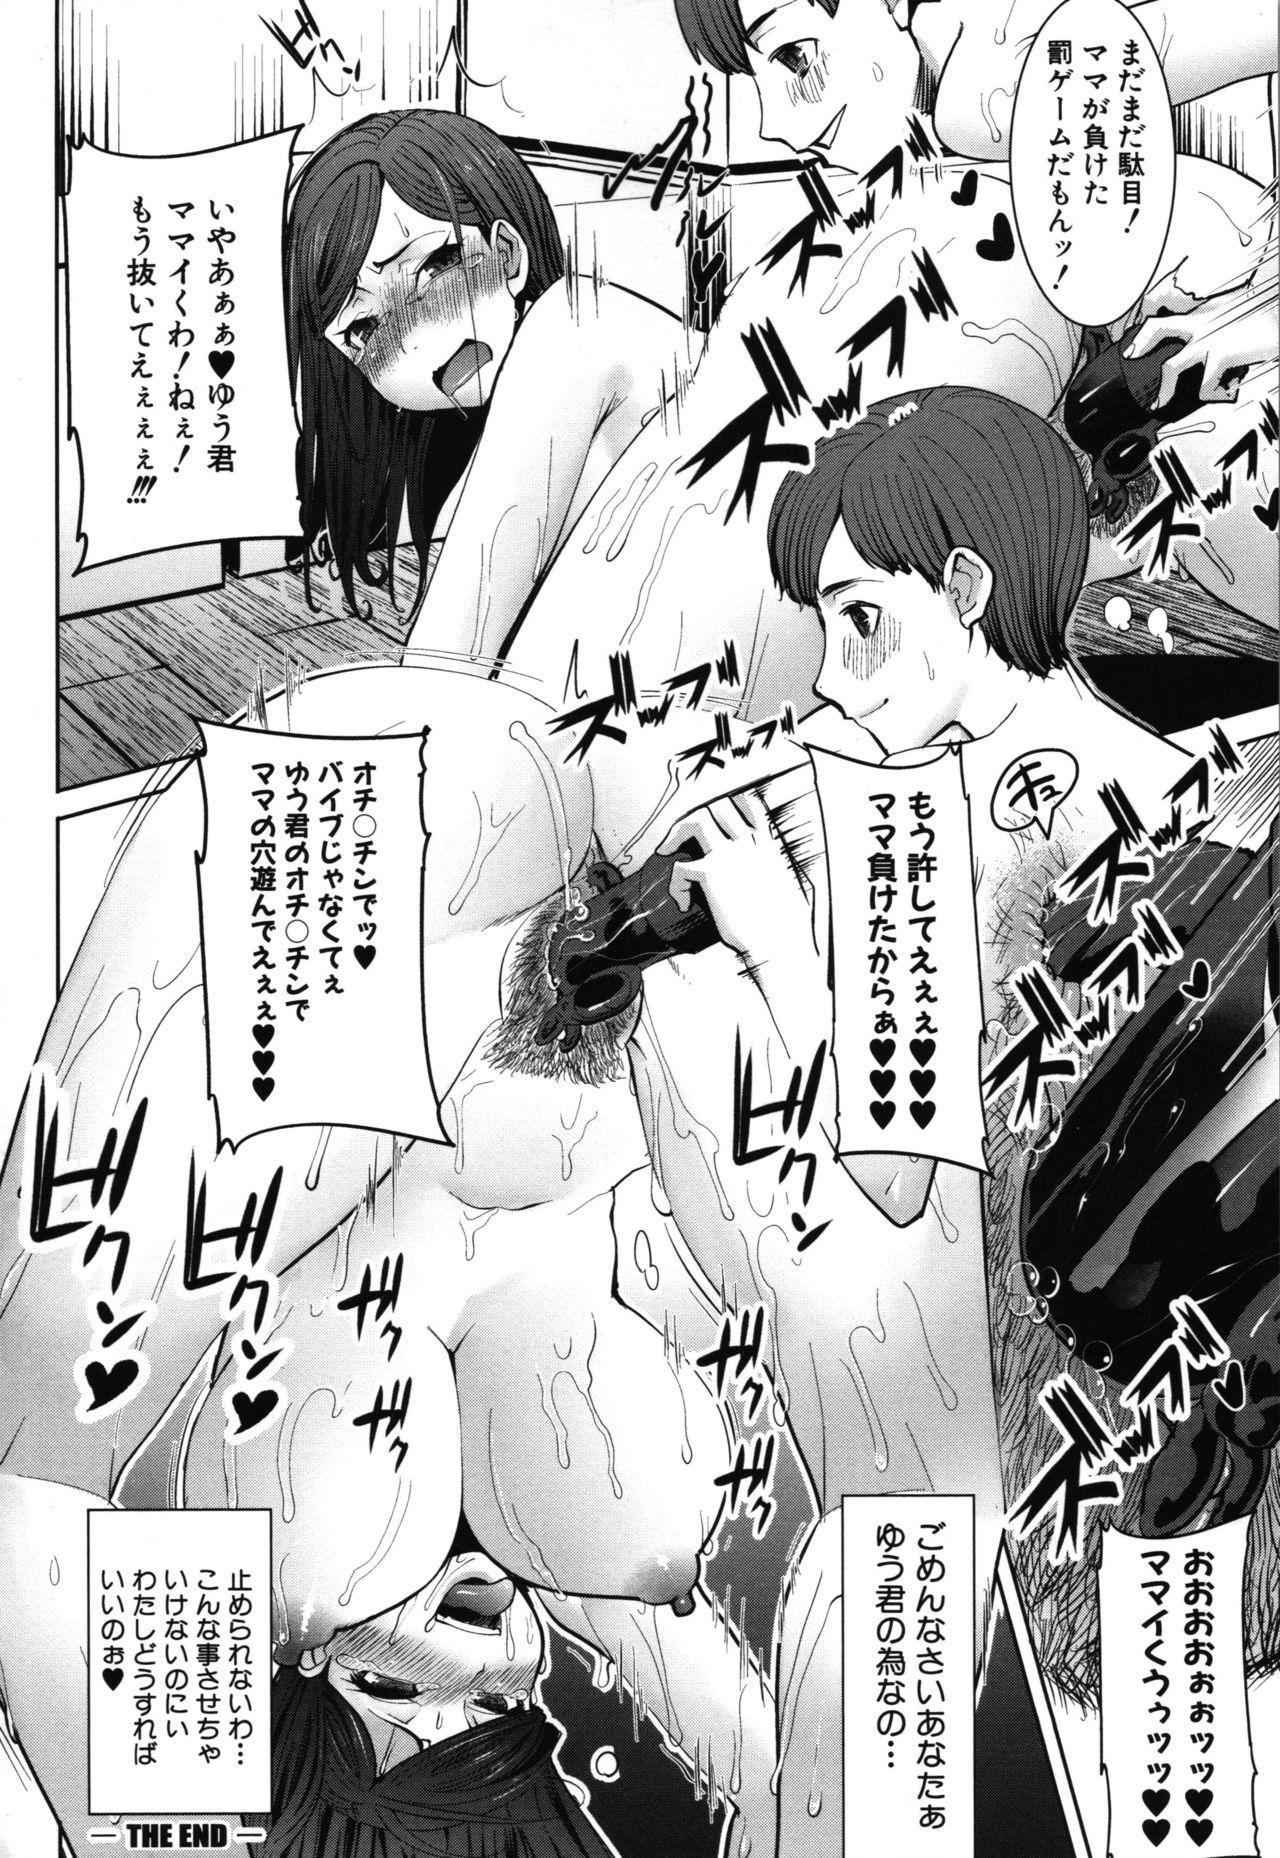 Unsweet - Asahina Ikka Netorareta Haha · Tomoko 51